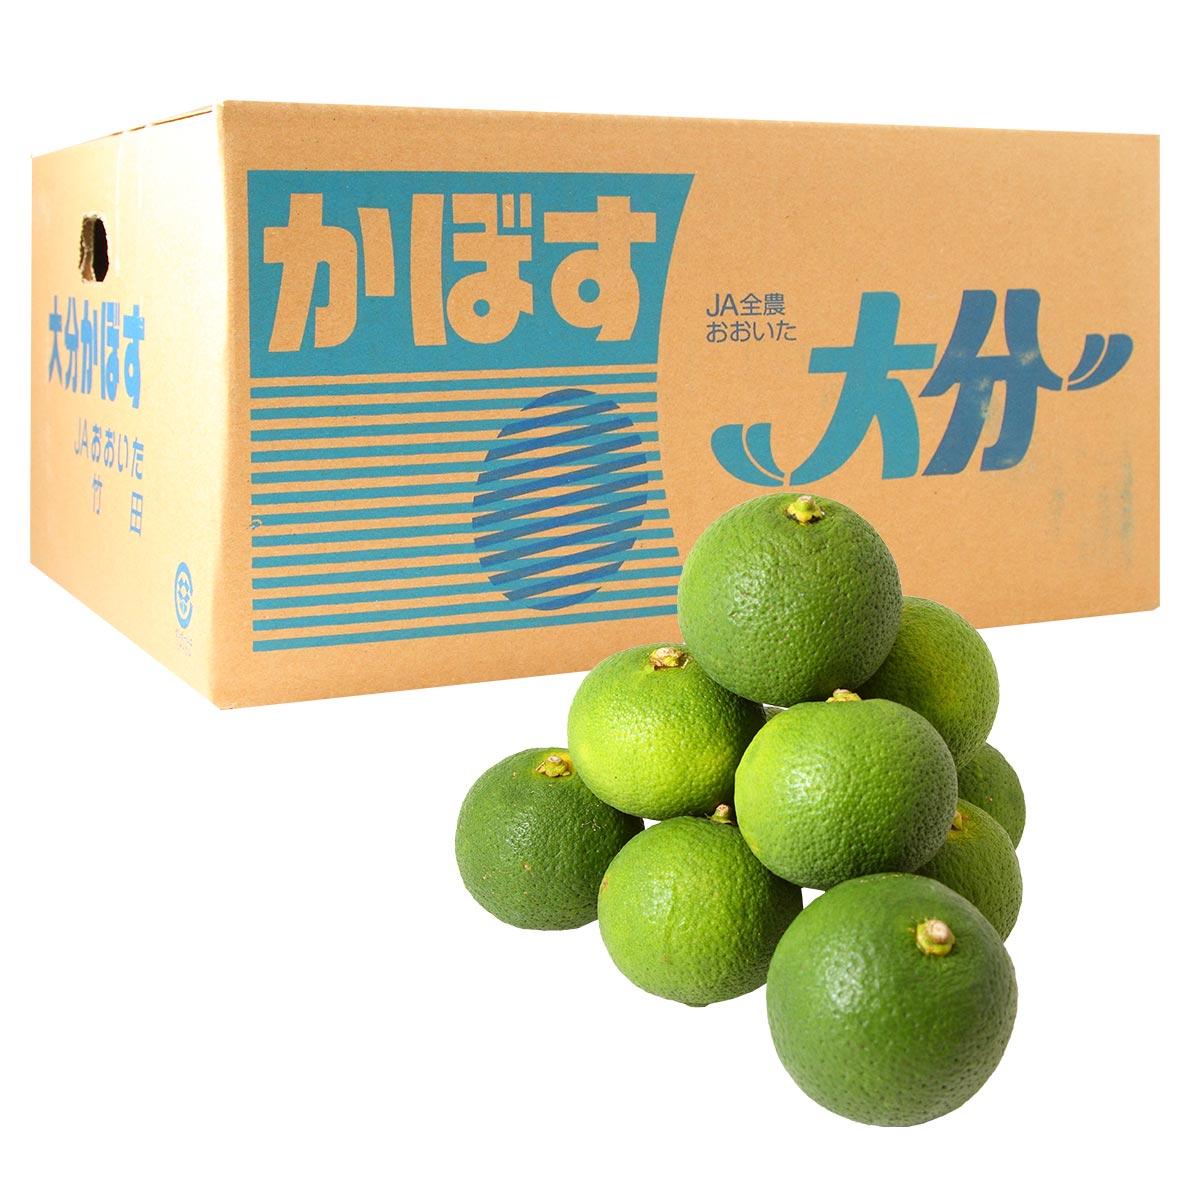 大分竹田産 かぼす青果1箱 4Kg(秀品)【受注発注】【貯蔵カボス】【秀品】